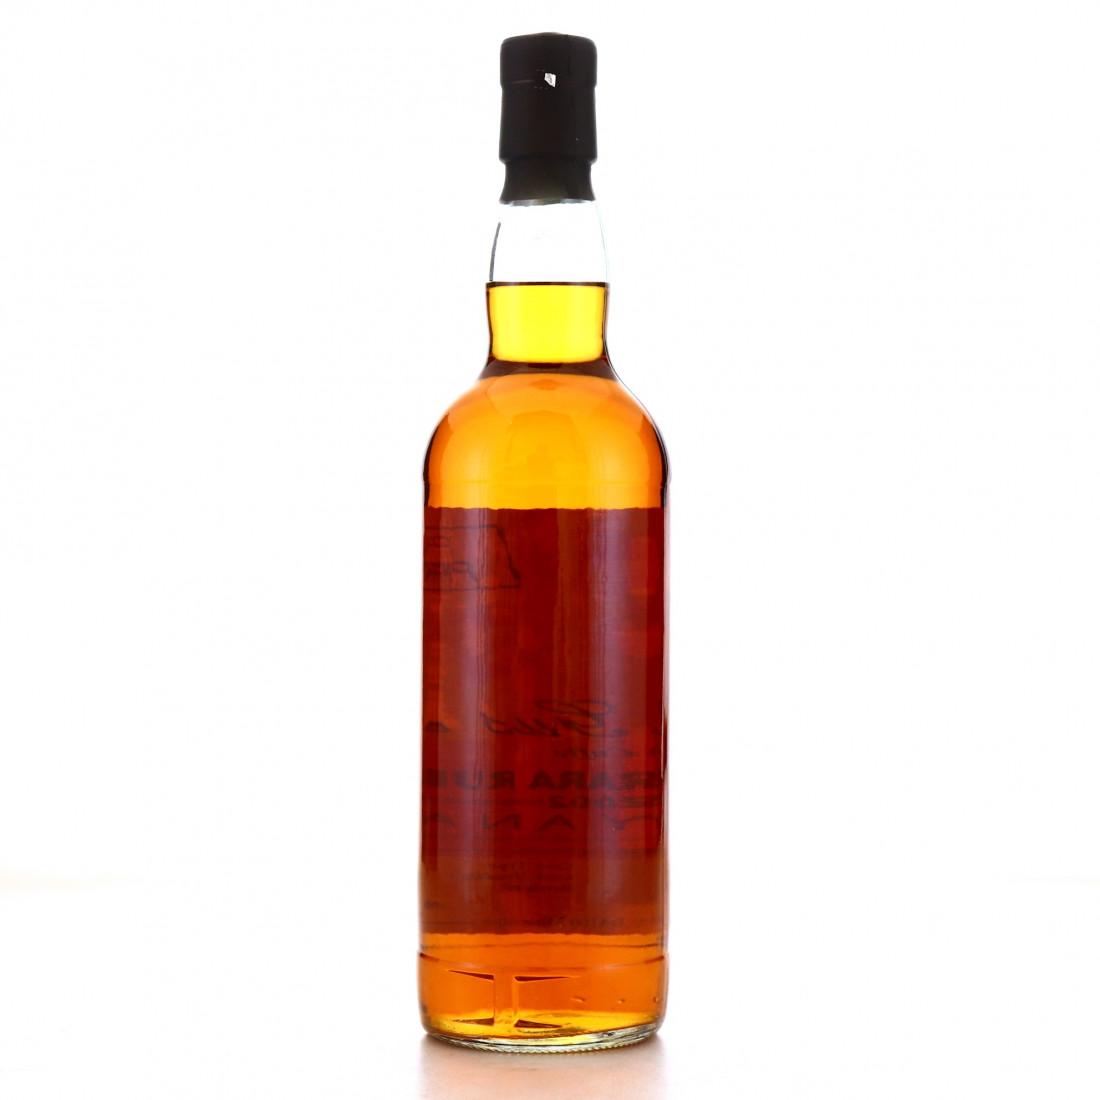 Cuffy Demerara Rum 2002 Le Gus't 16 Year Old Full Proof